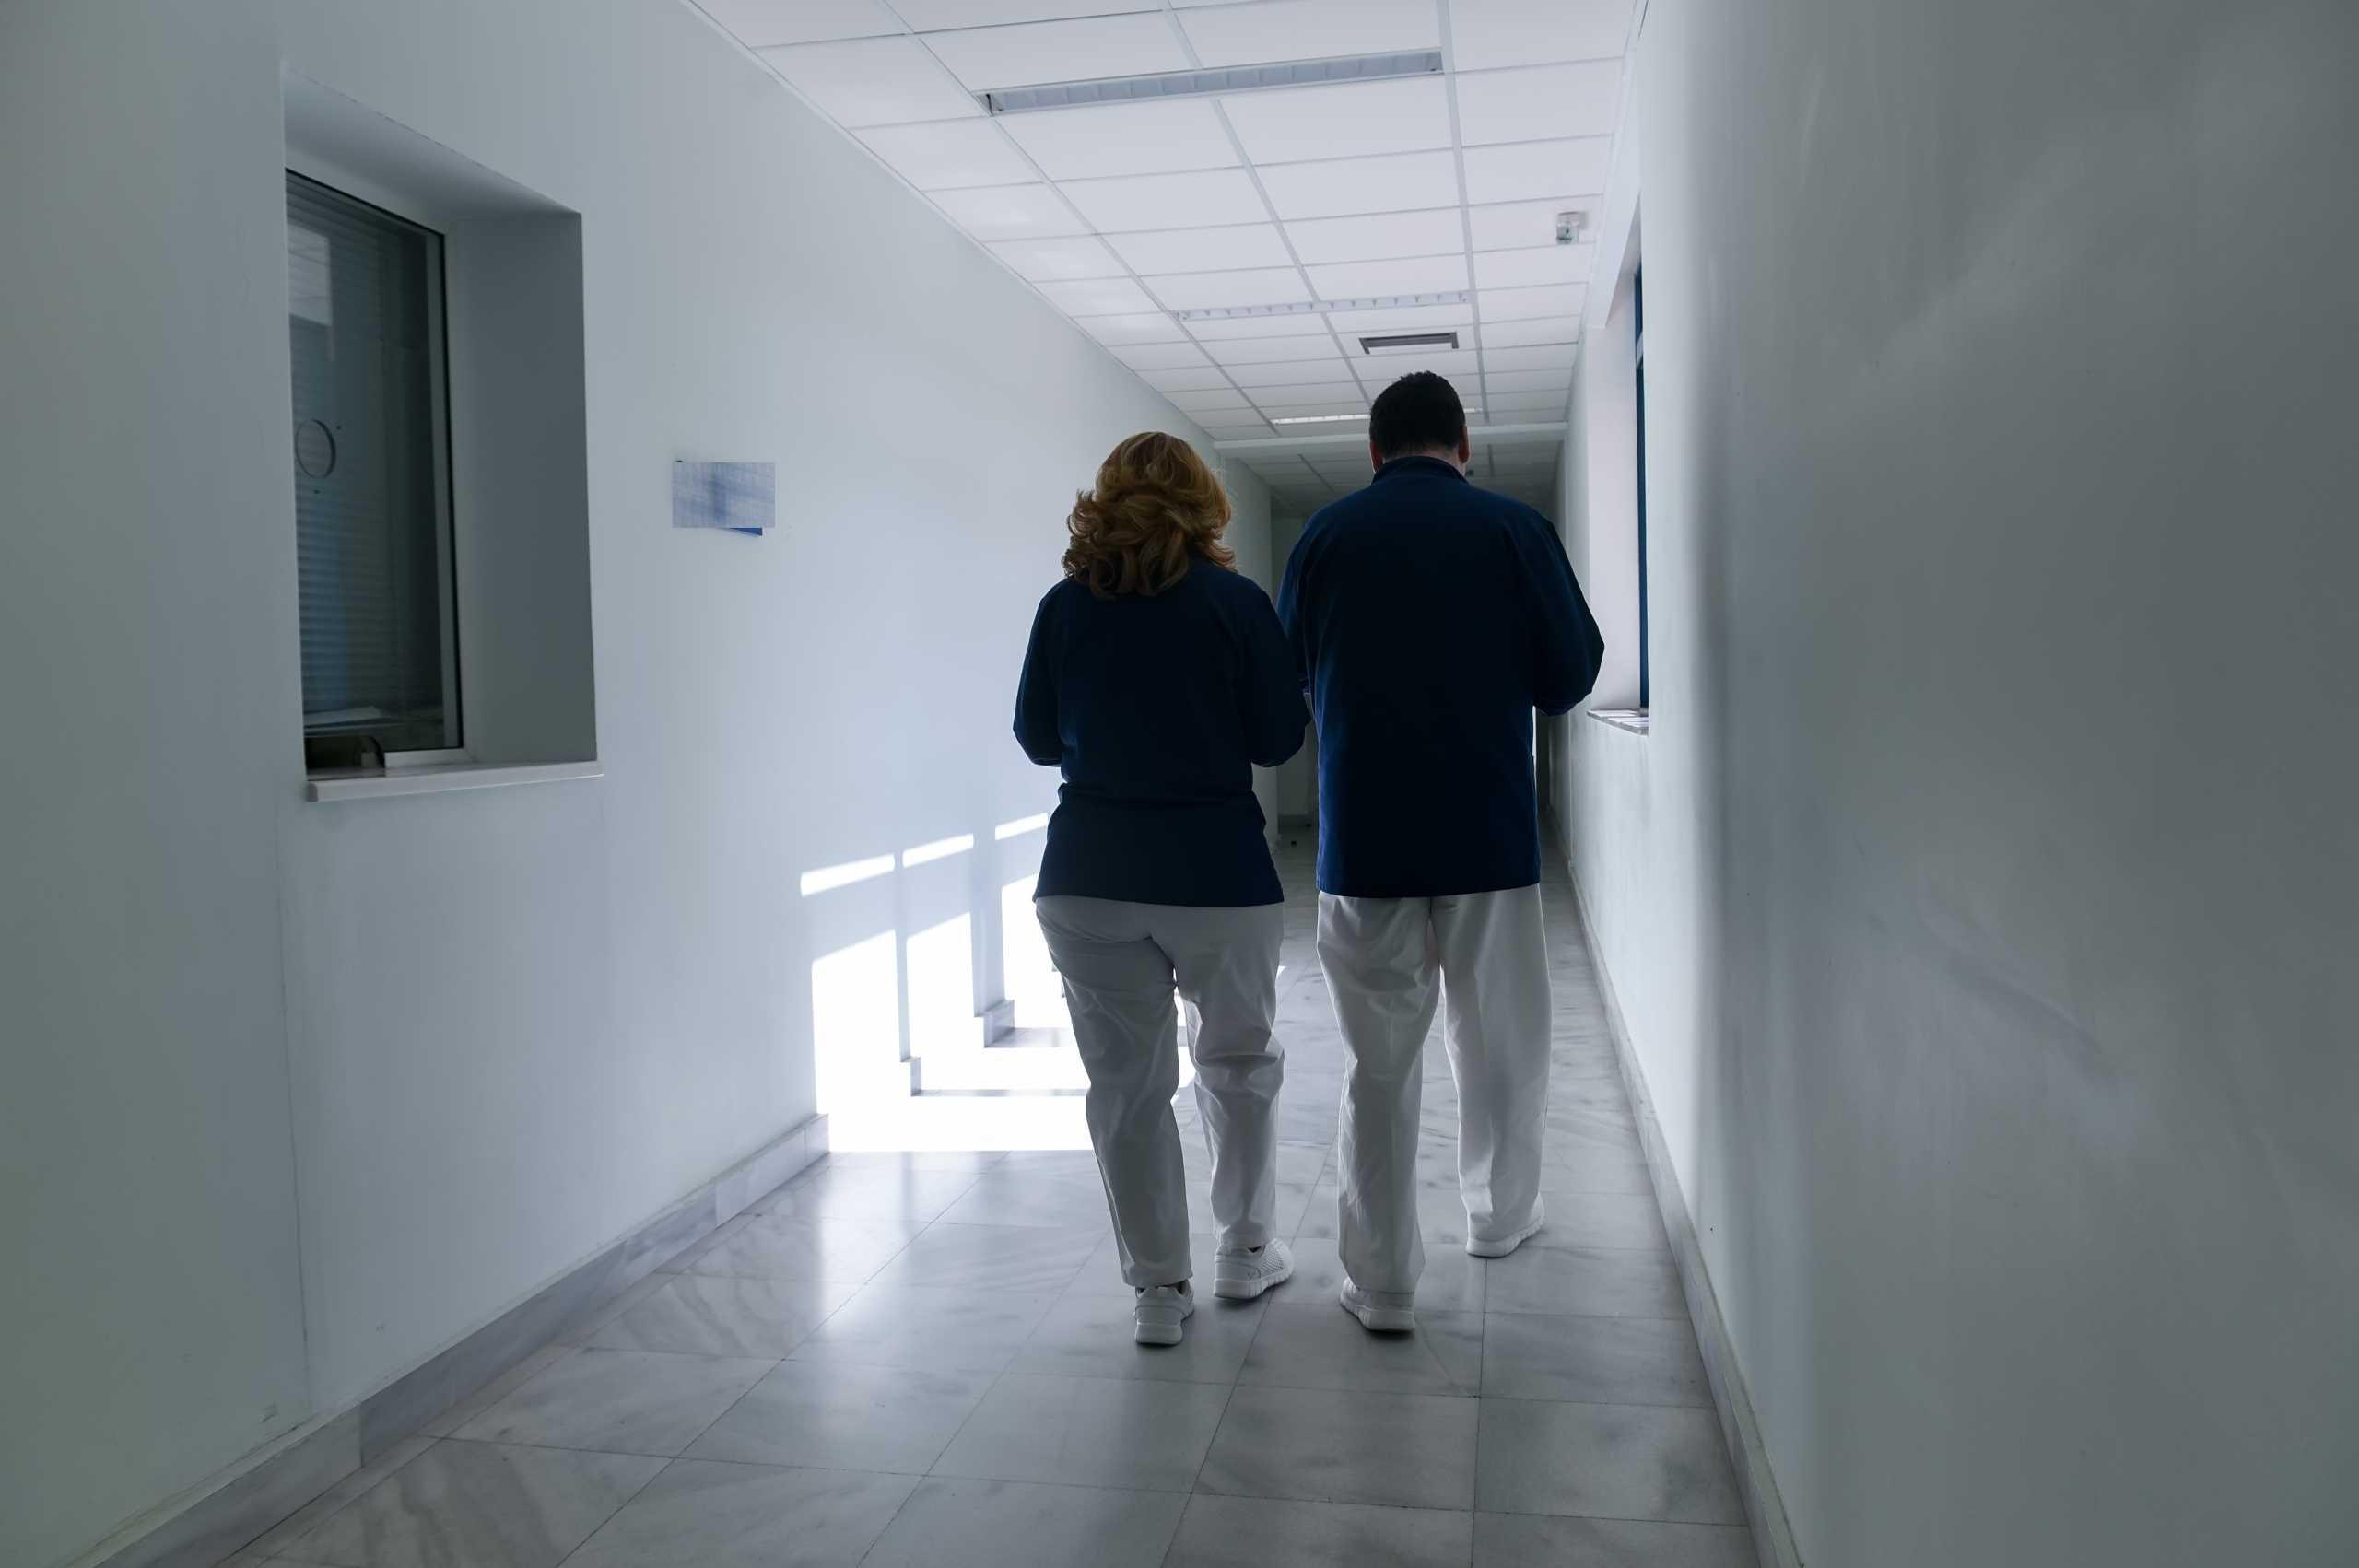 Δεν κατάφεραν να κάνουν καισαρική στην έγκυο με κορονοϊό – Στιγμές αγωνίας στην Κρήτη